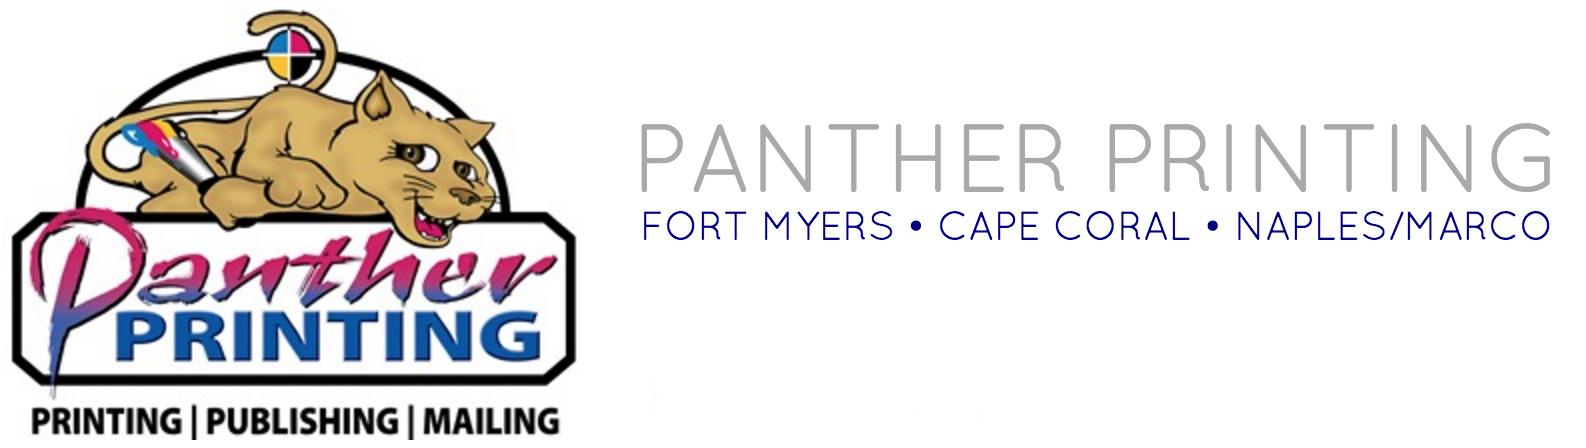 Panther Printing Payment